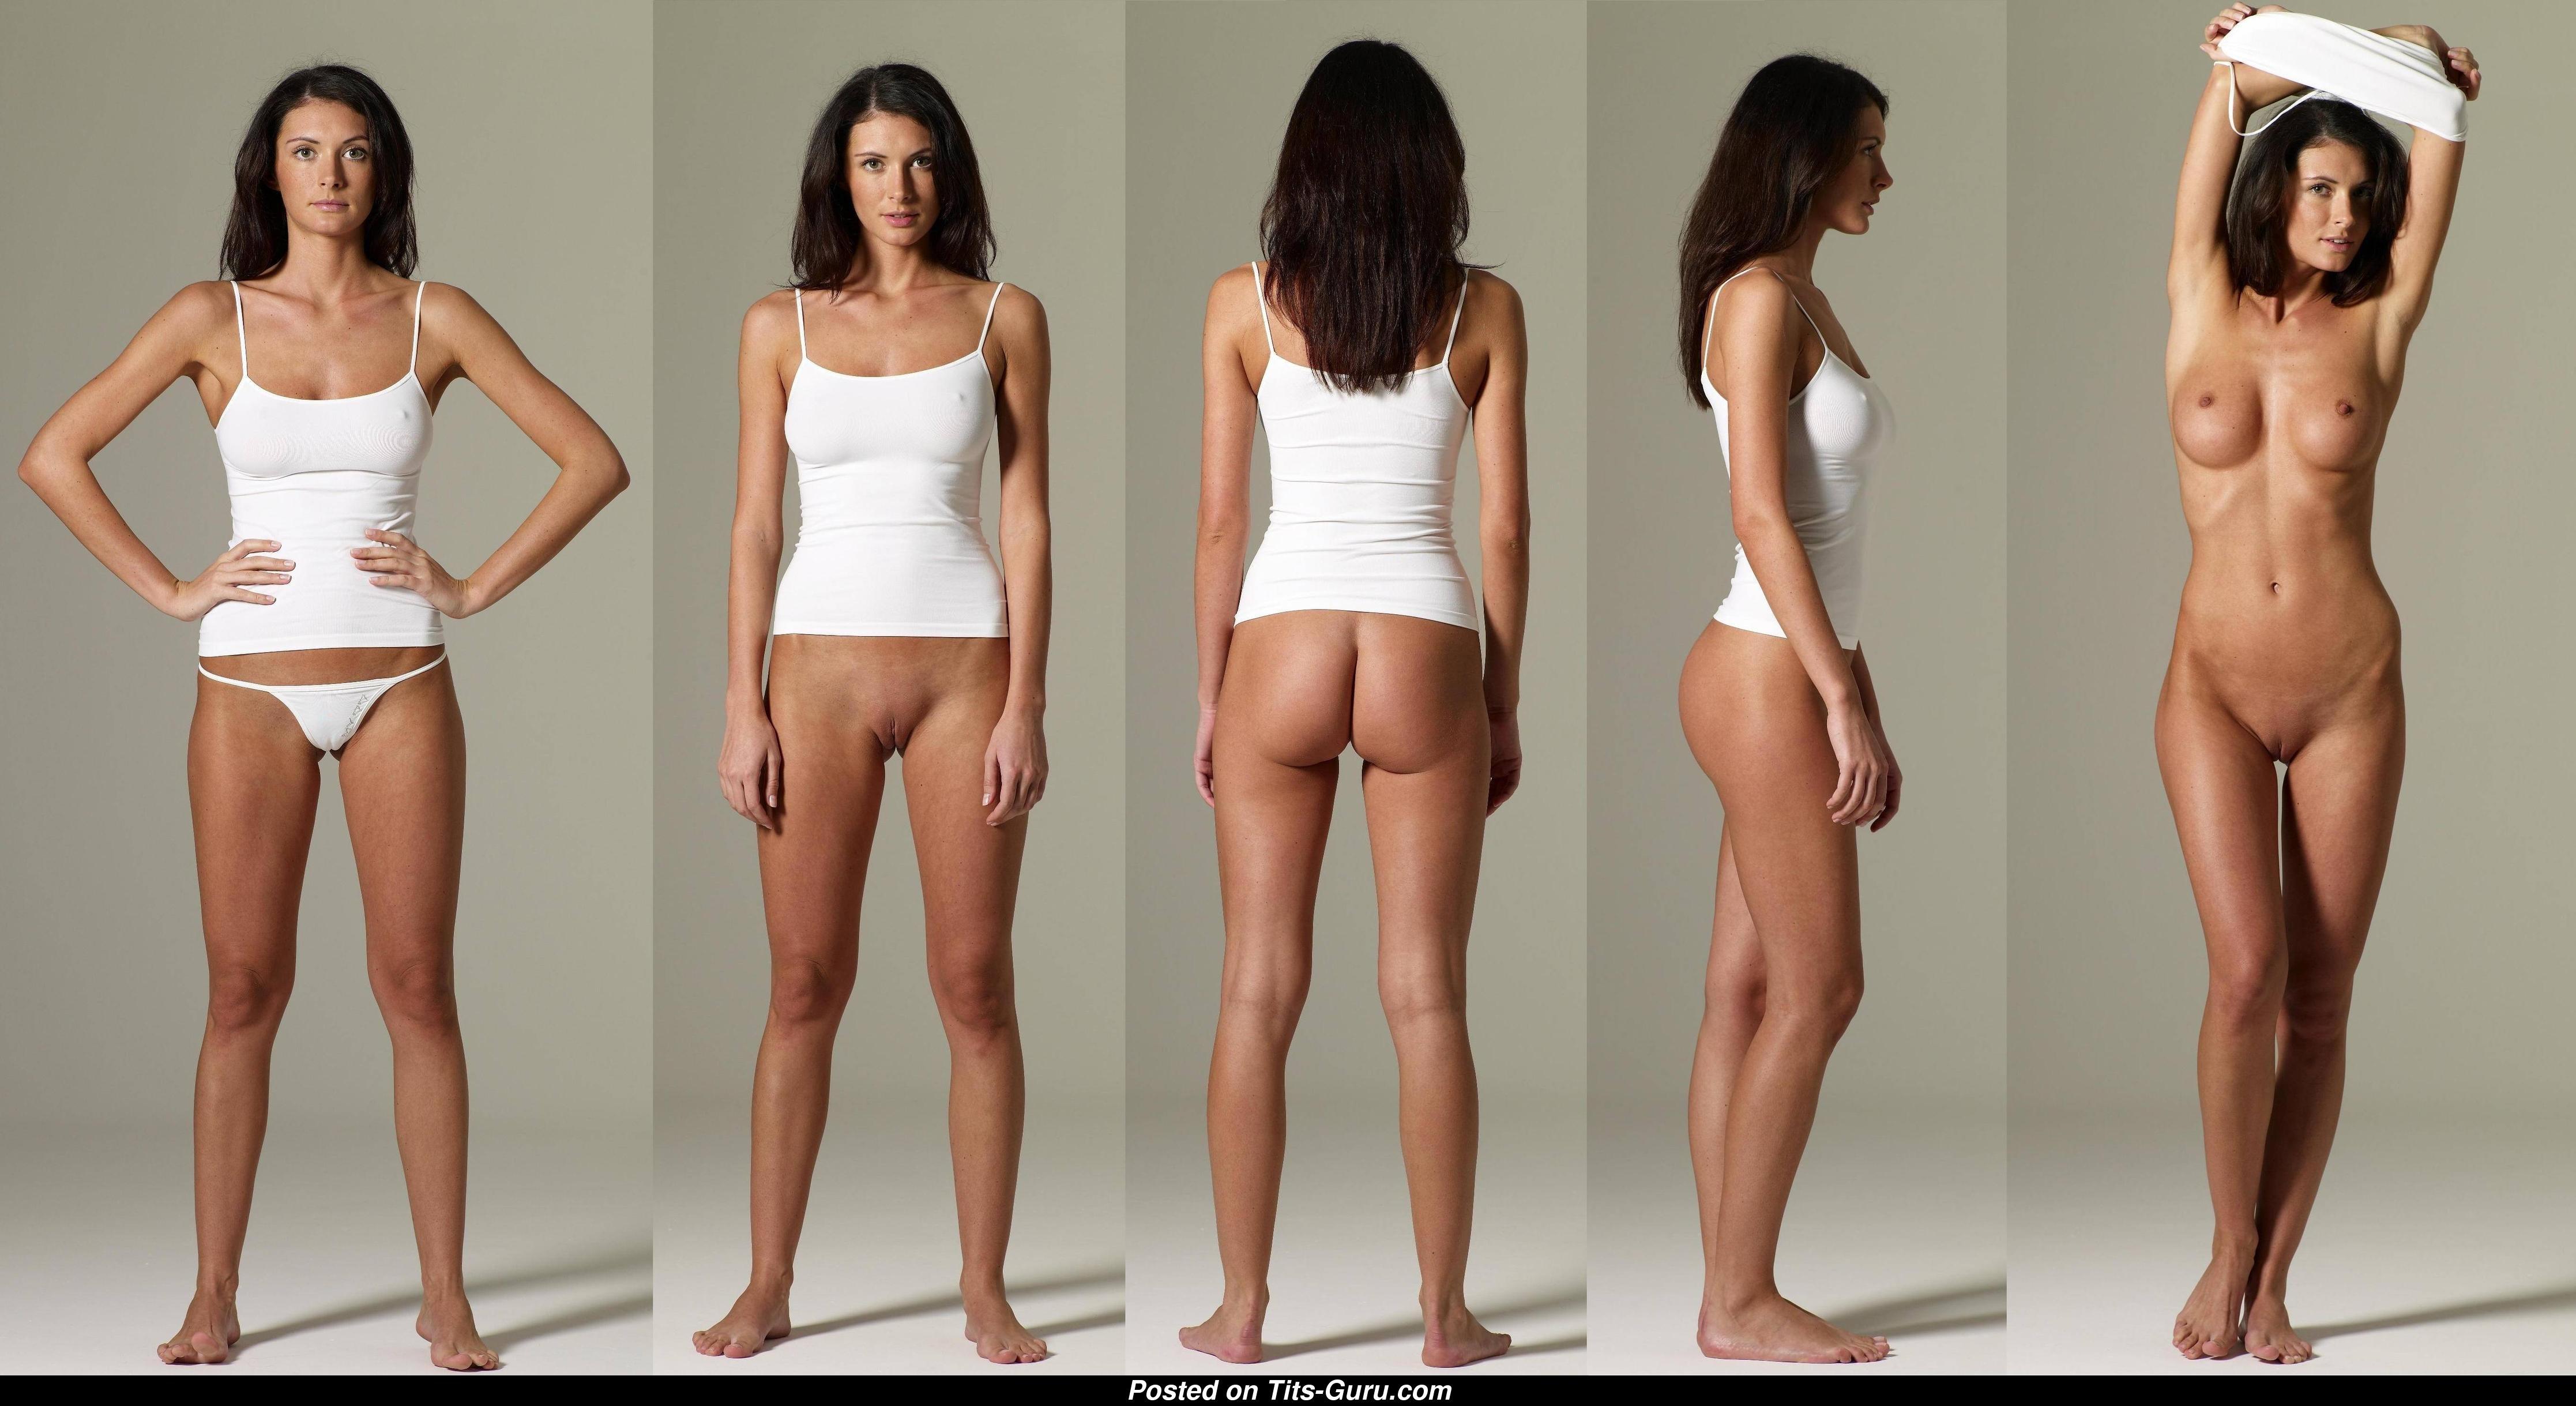 Раздетые сексуальные женщины, Голые зрелые женщины - порно фото (русские, красивые) 25 фотография